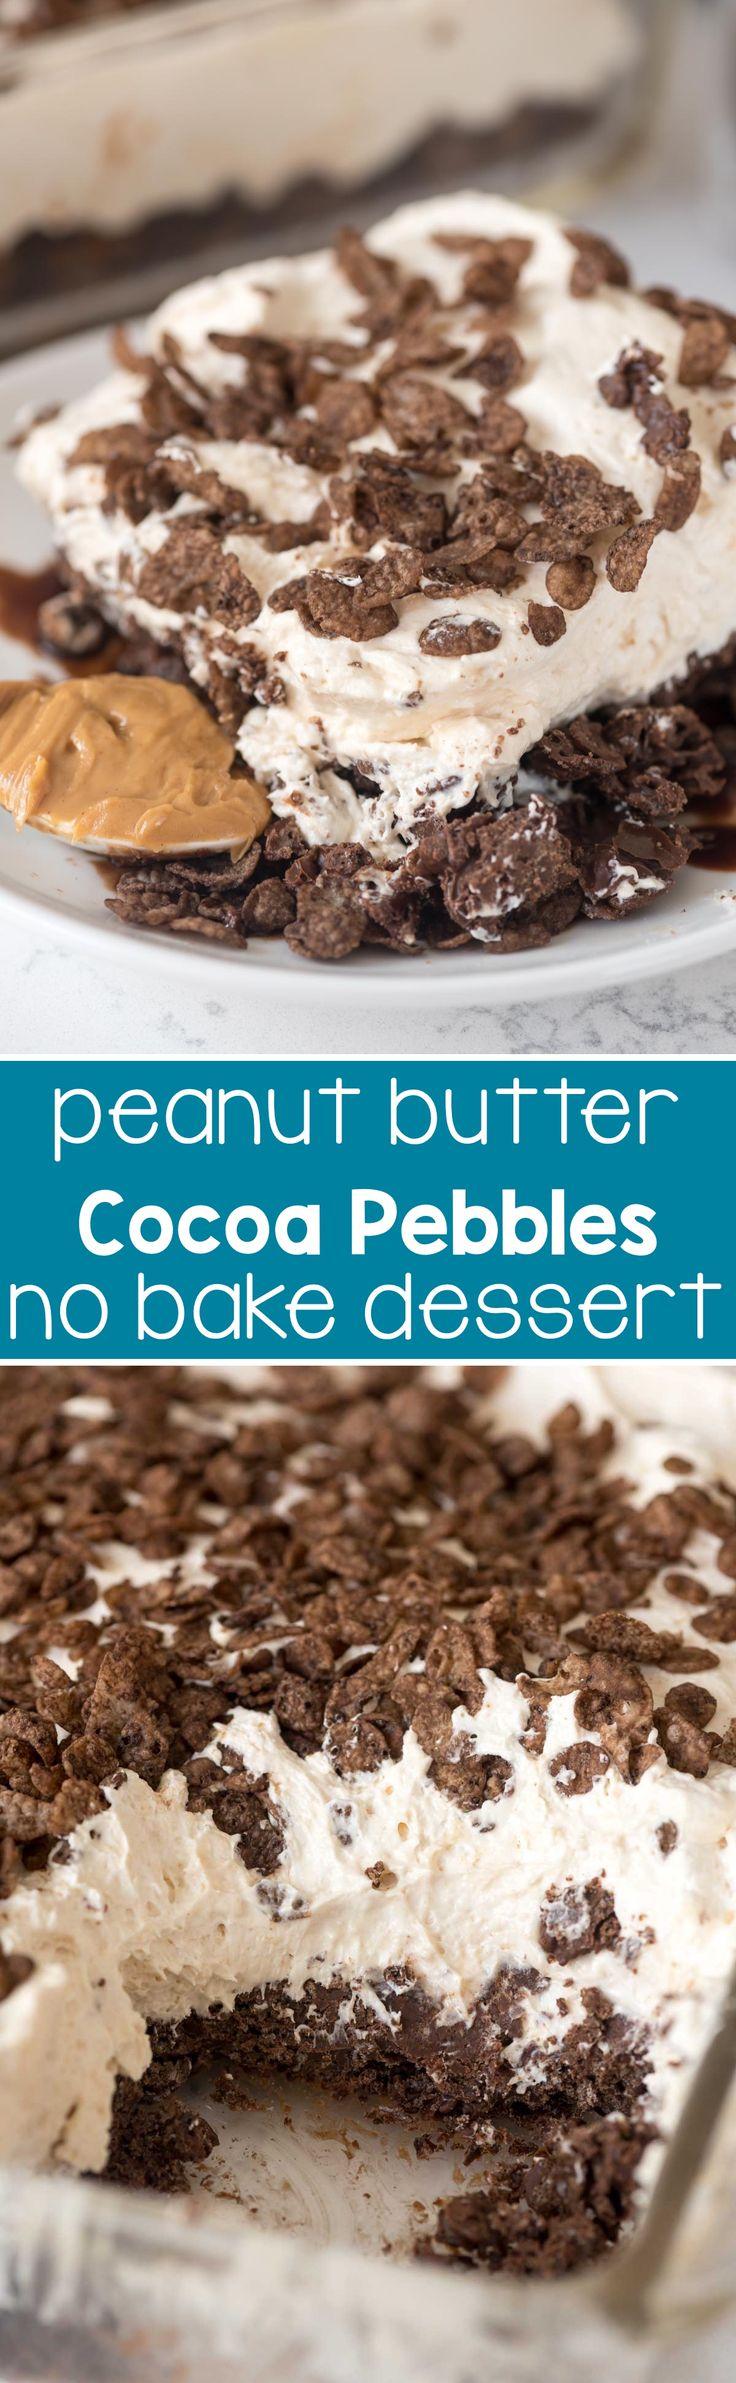 Peanut Butter Cocoa Pebbles No-Bake Dessert | Recipe ...